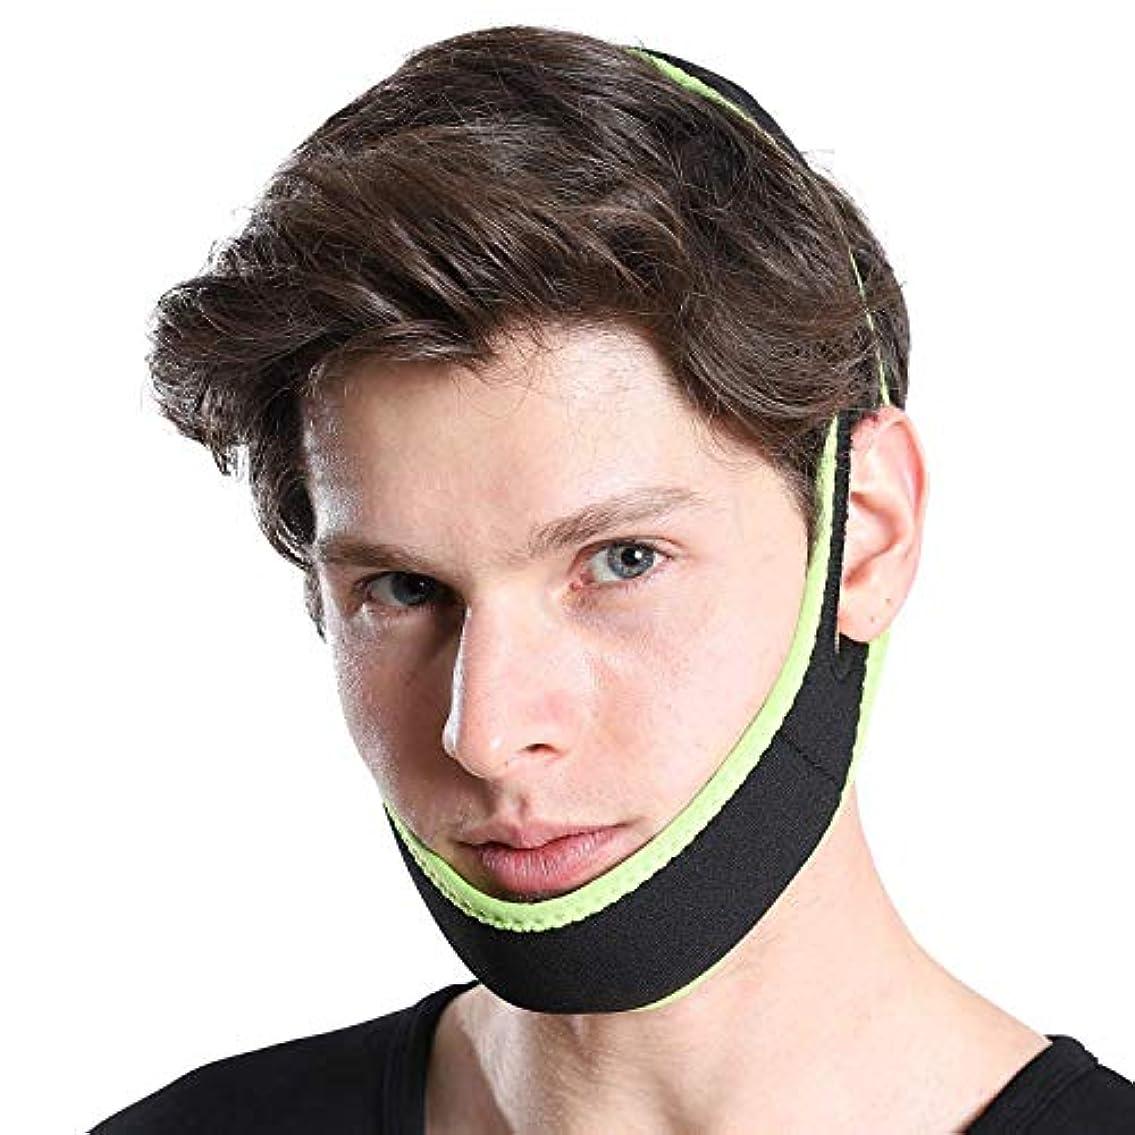 繰り返す受け入れるここに小顔マスク メンズ ゲルマニウムチタン 配合で 顔痩せ 小顔 リフトアップ!